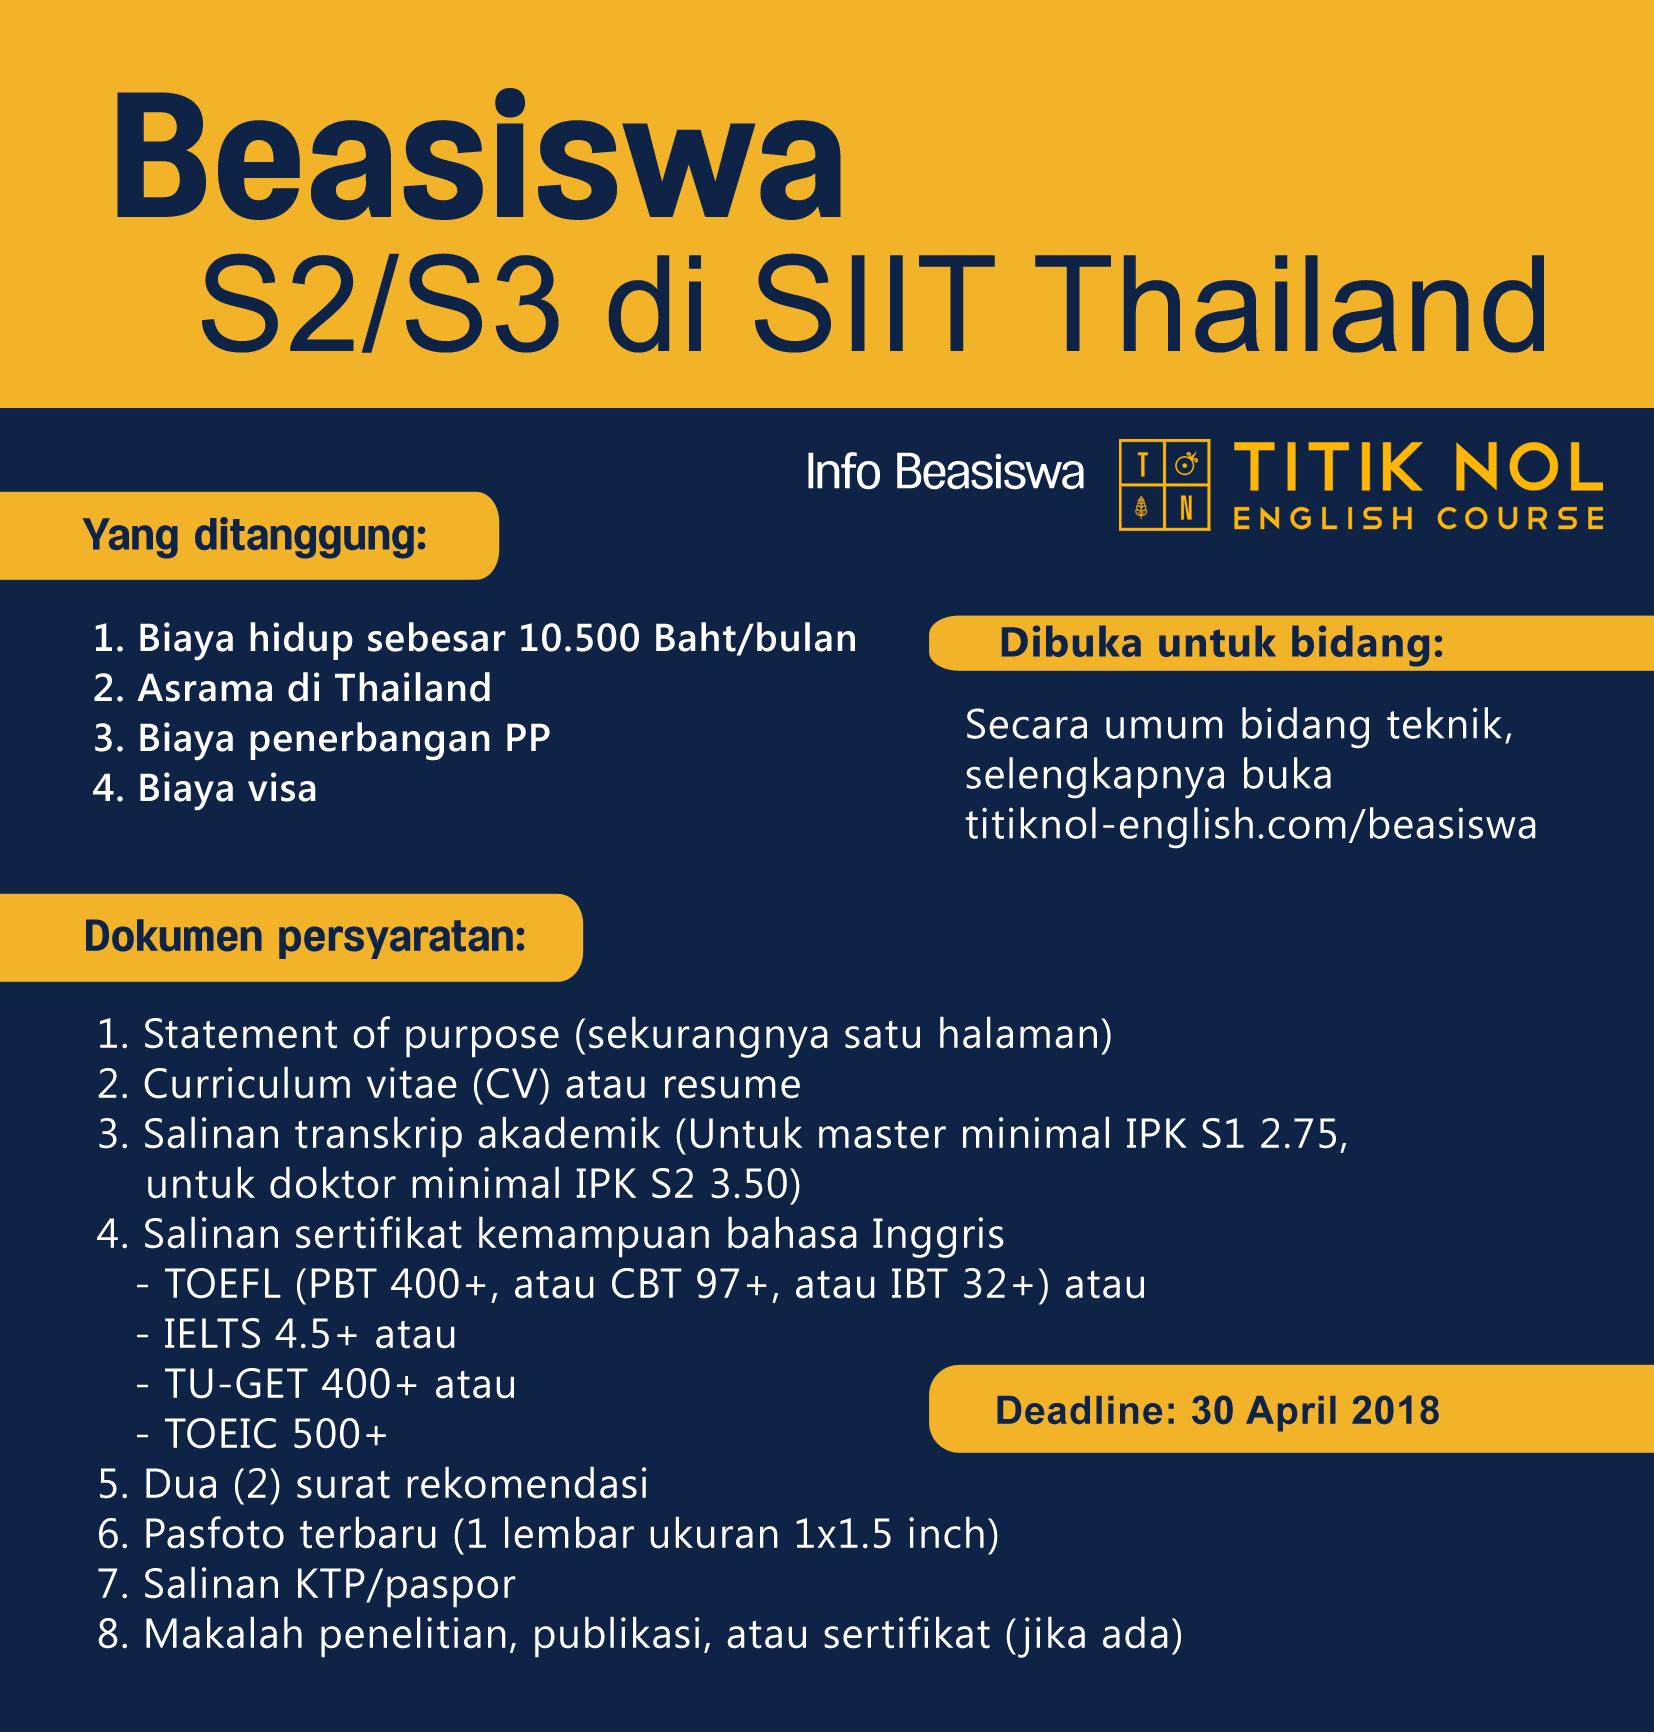 Info beasiswa S2 S3 thailand